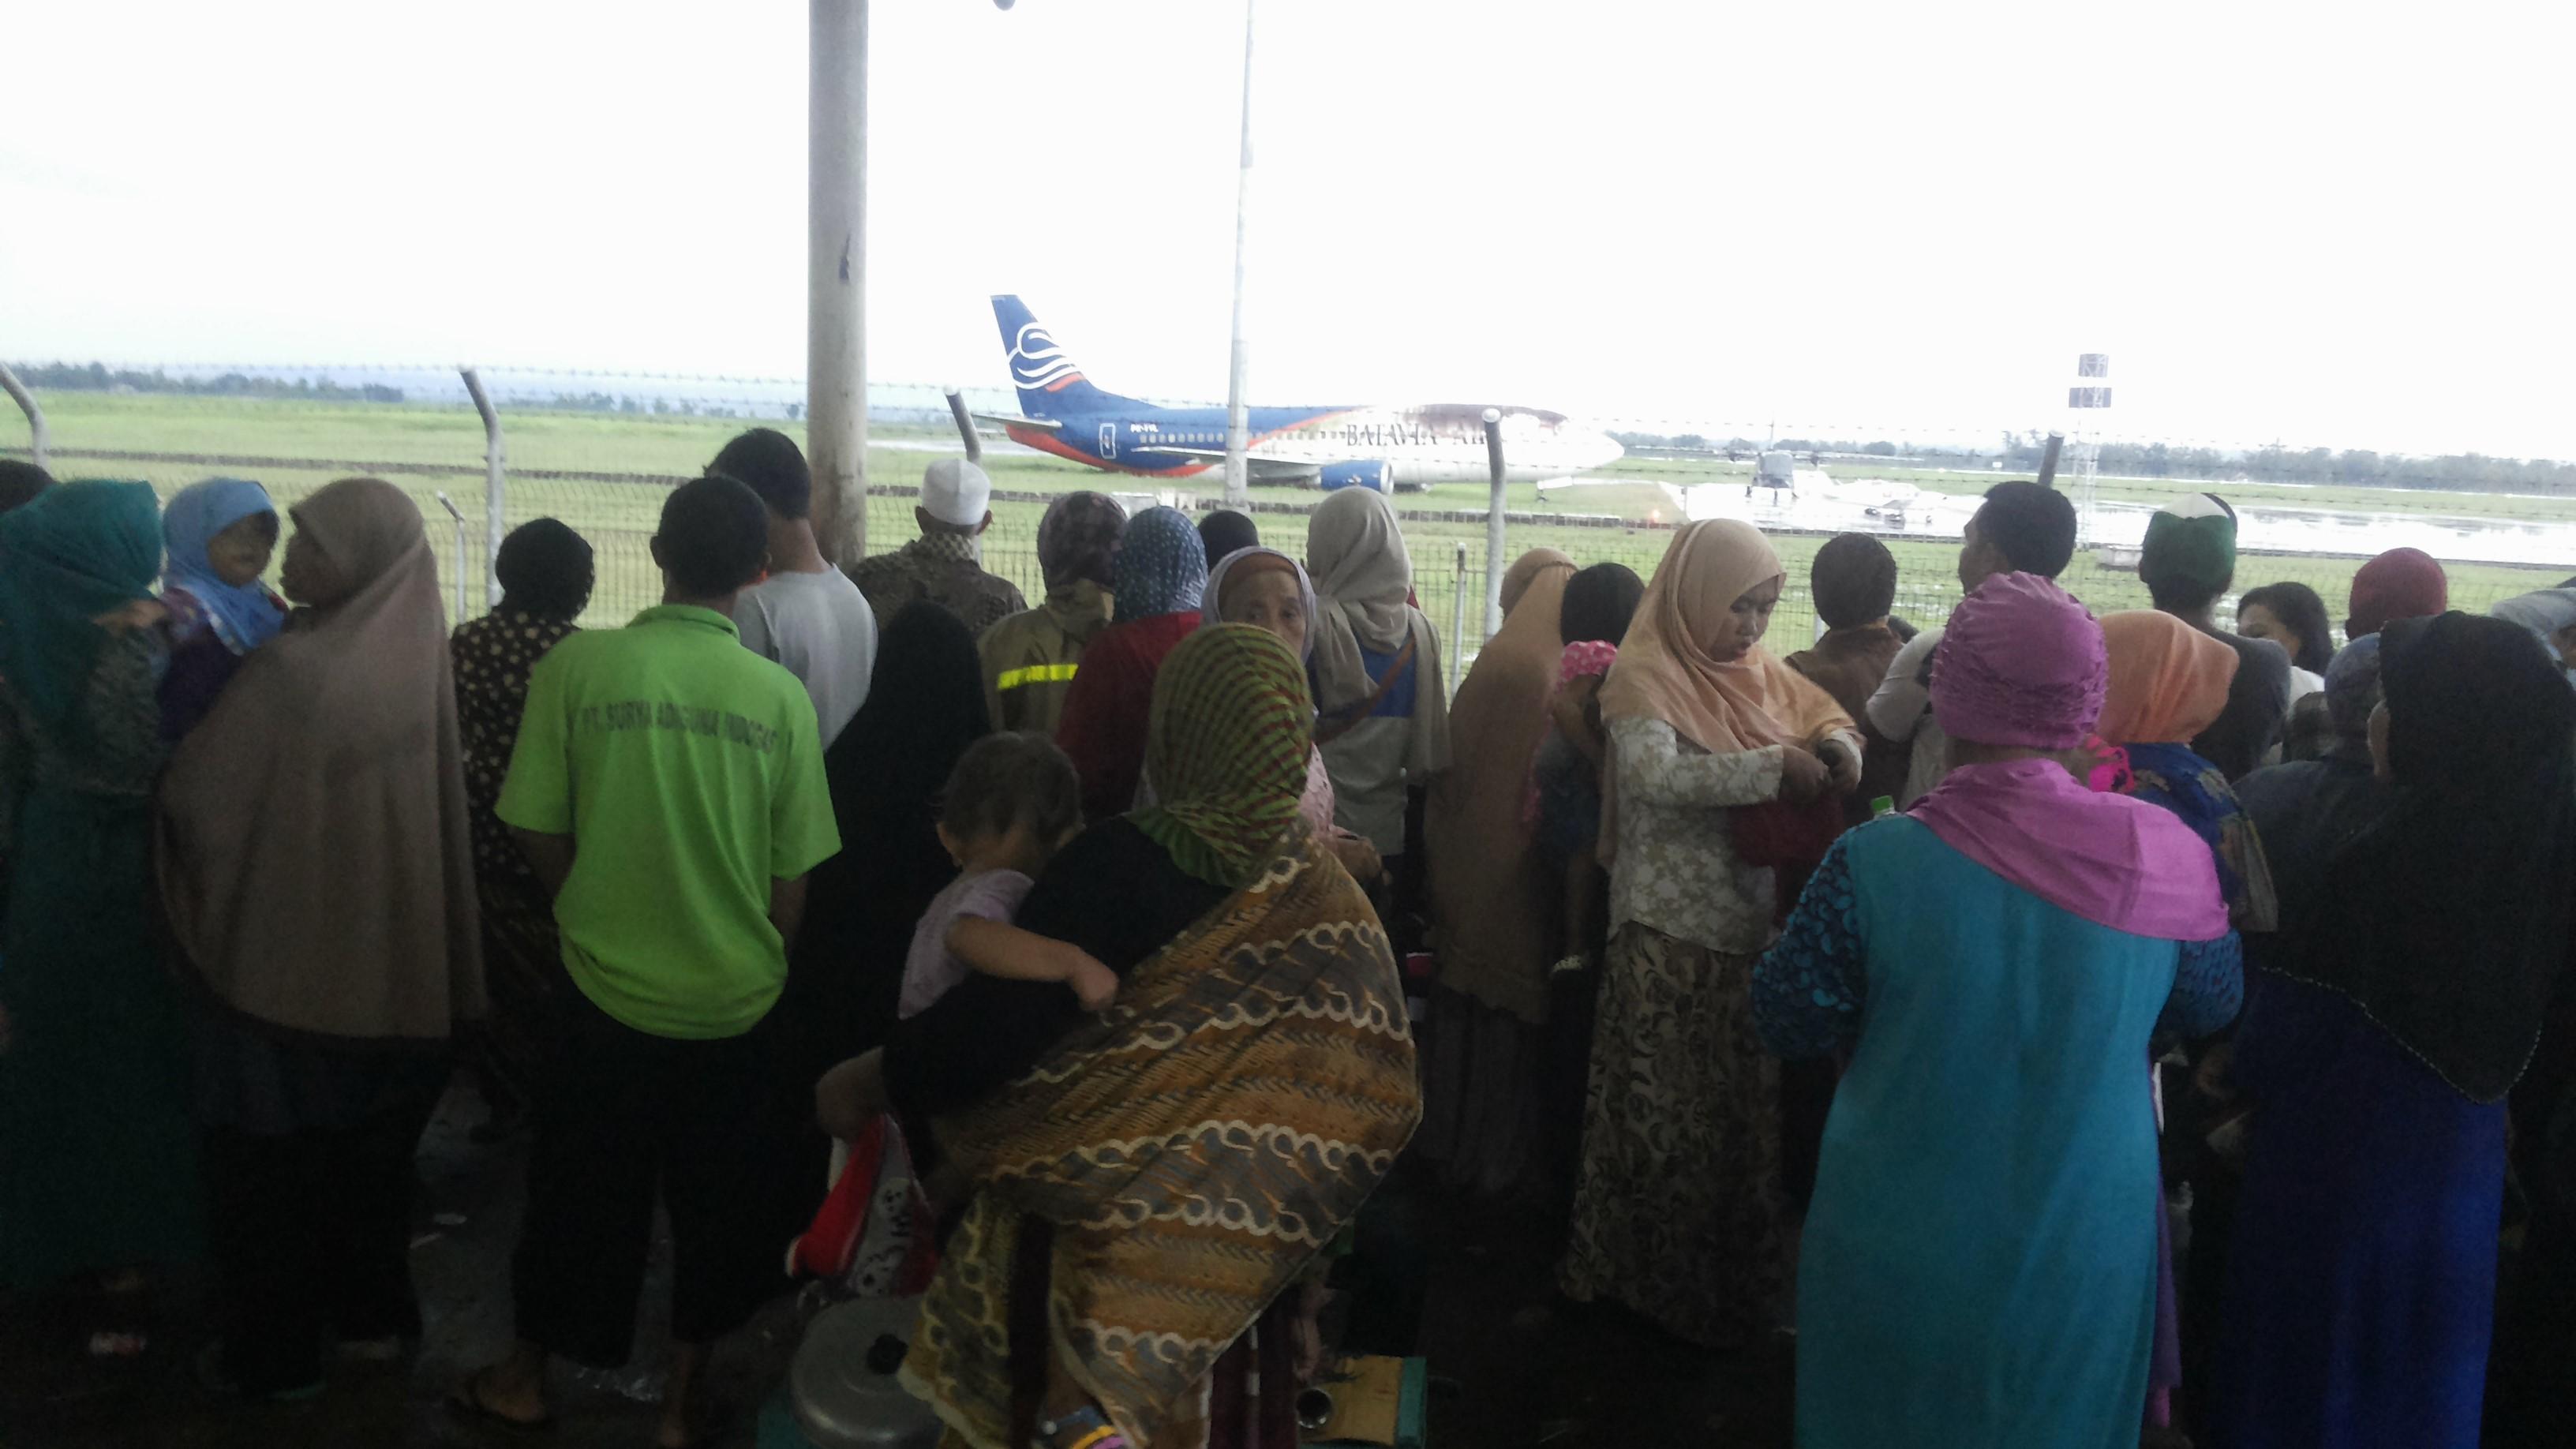 Menyaksikan pesawat mendarat dan lepas landas di Bandara Internasional Lombok.  Sumber gambar: koleksi pribadi